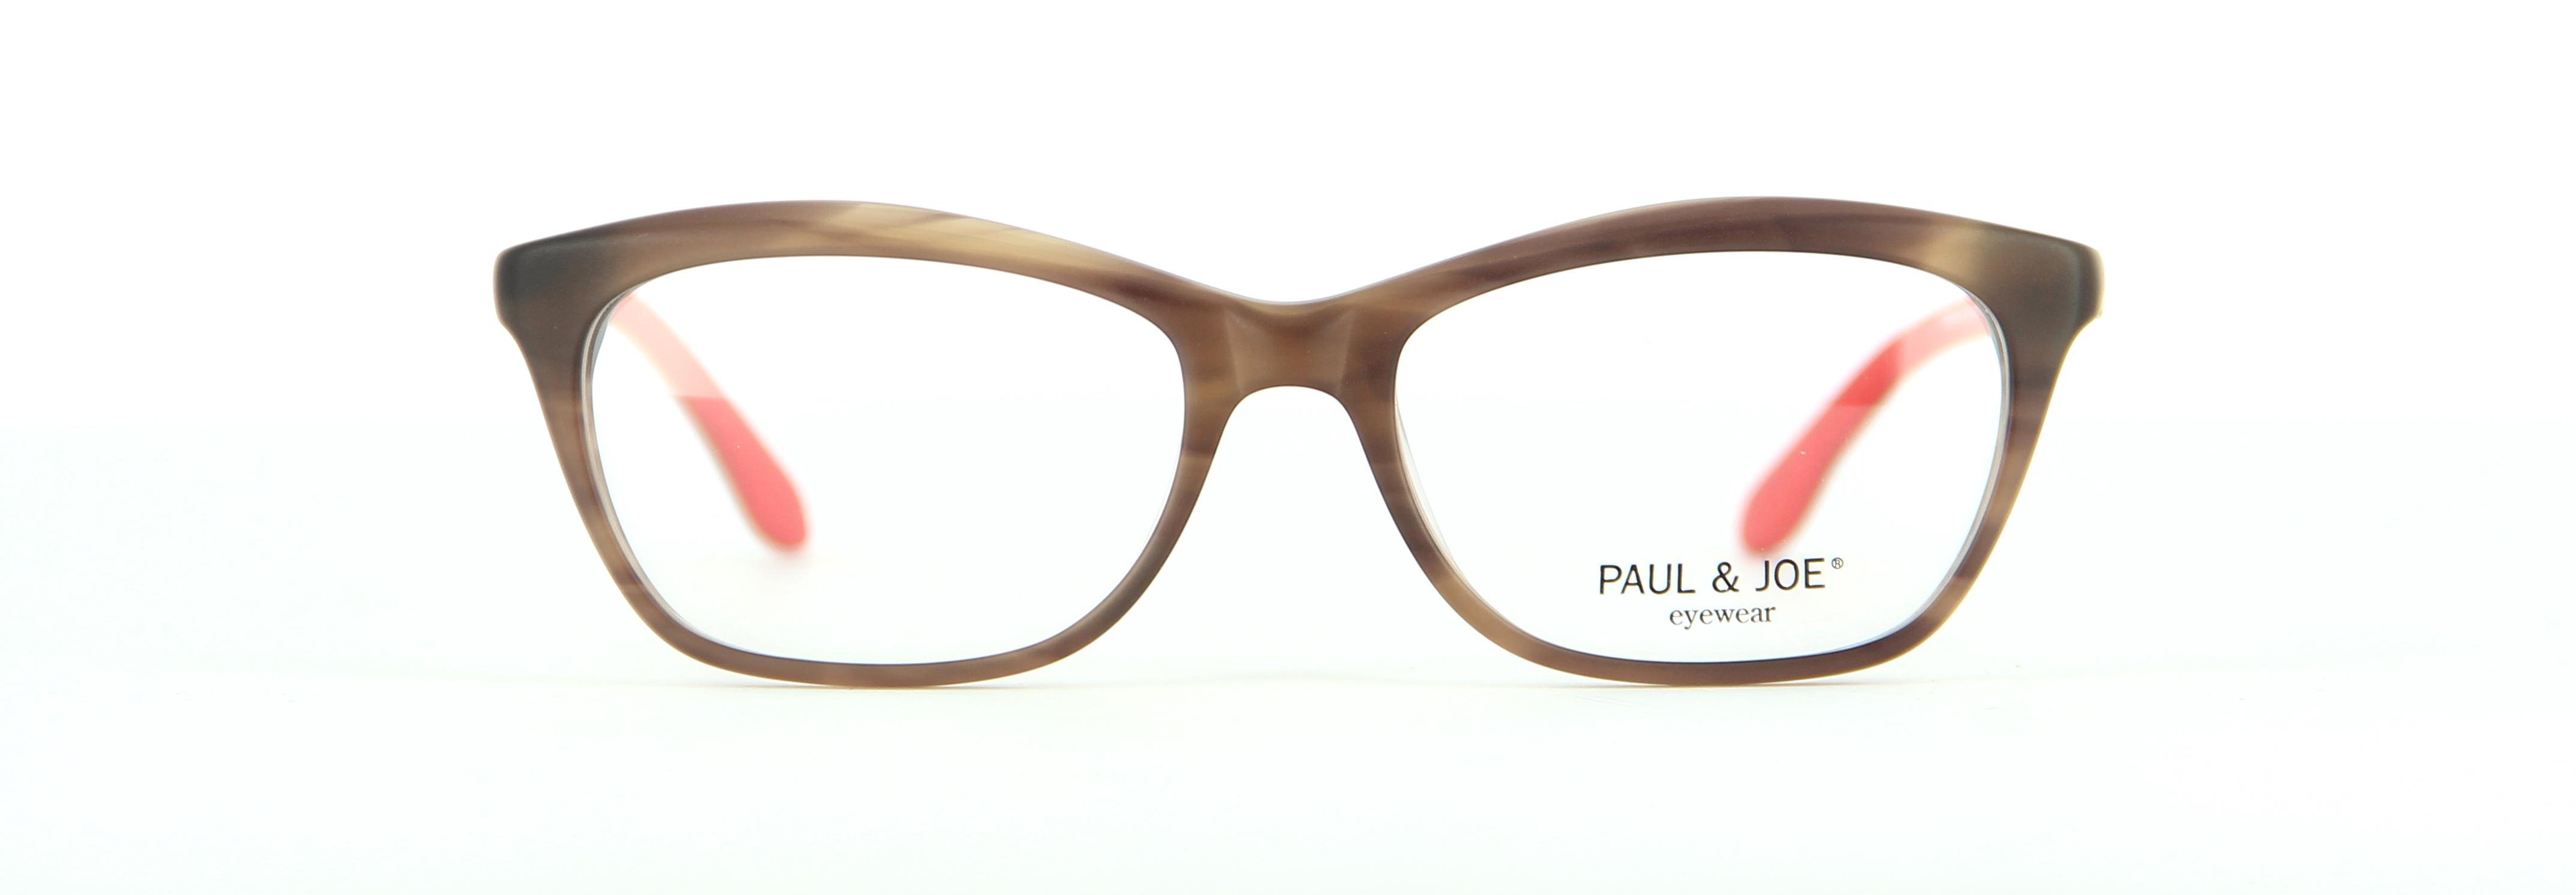 Lunettes de vue PAUL   JOE PJ CHEYENNE02 E185 53 17 Femme 8b224c2877bc